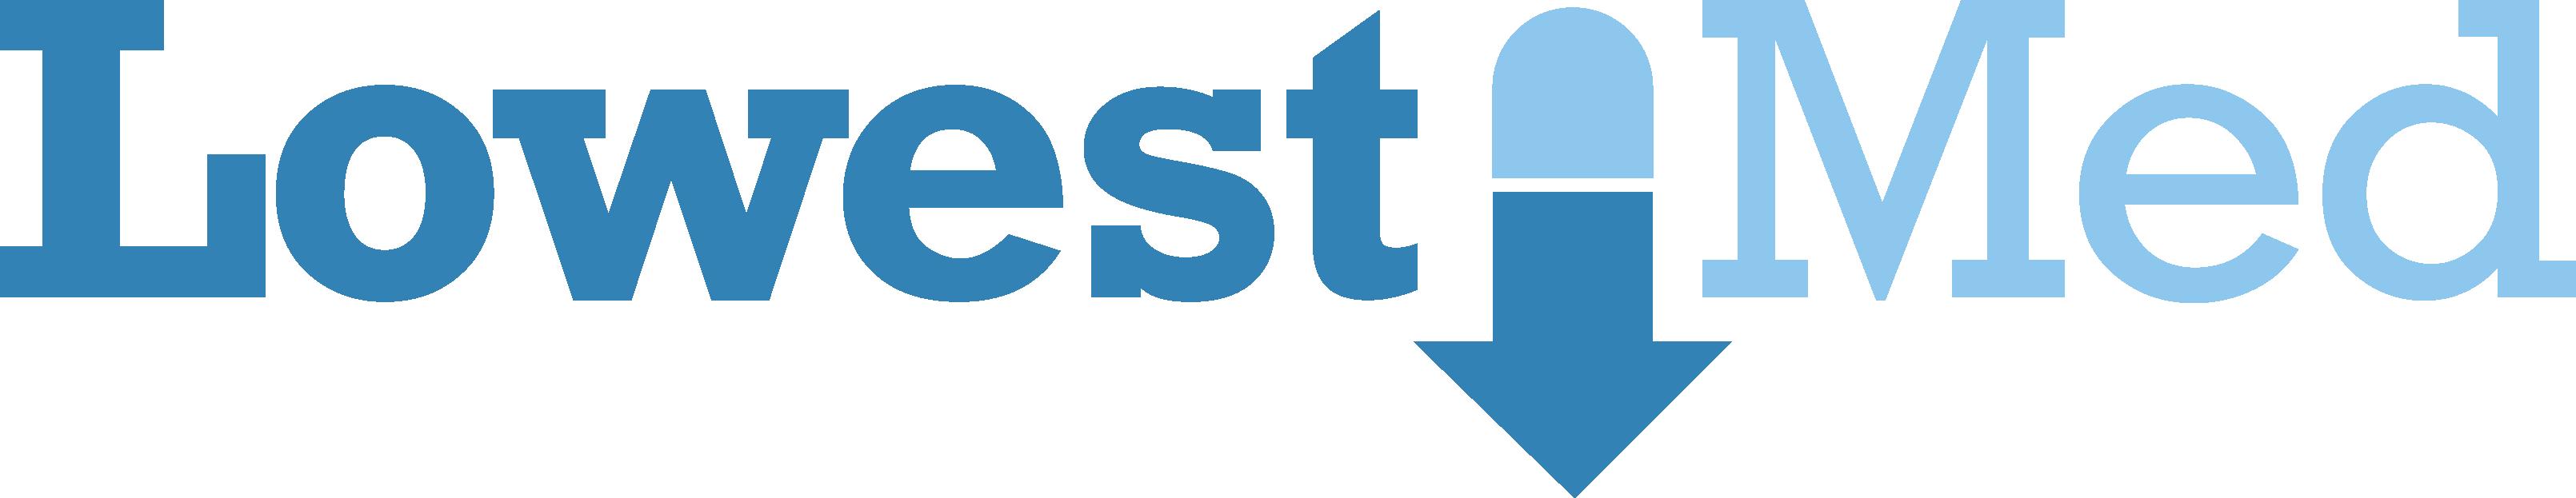 LowestMed_Logo_Large